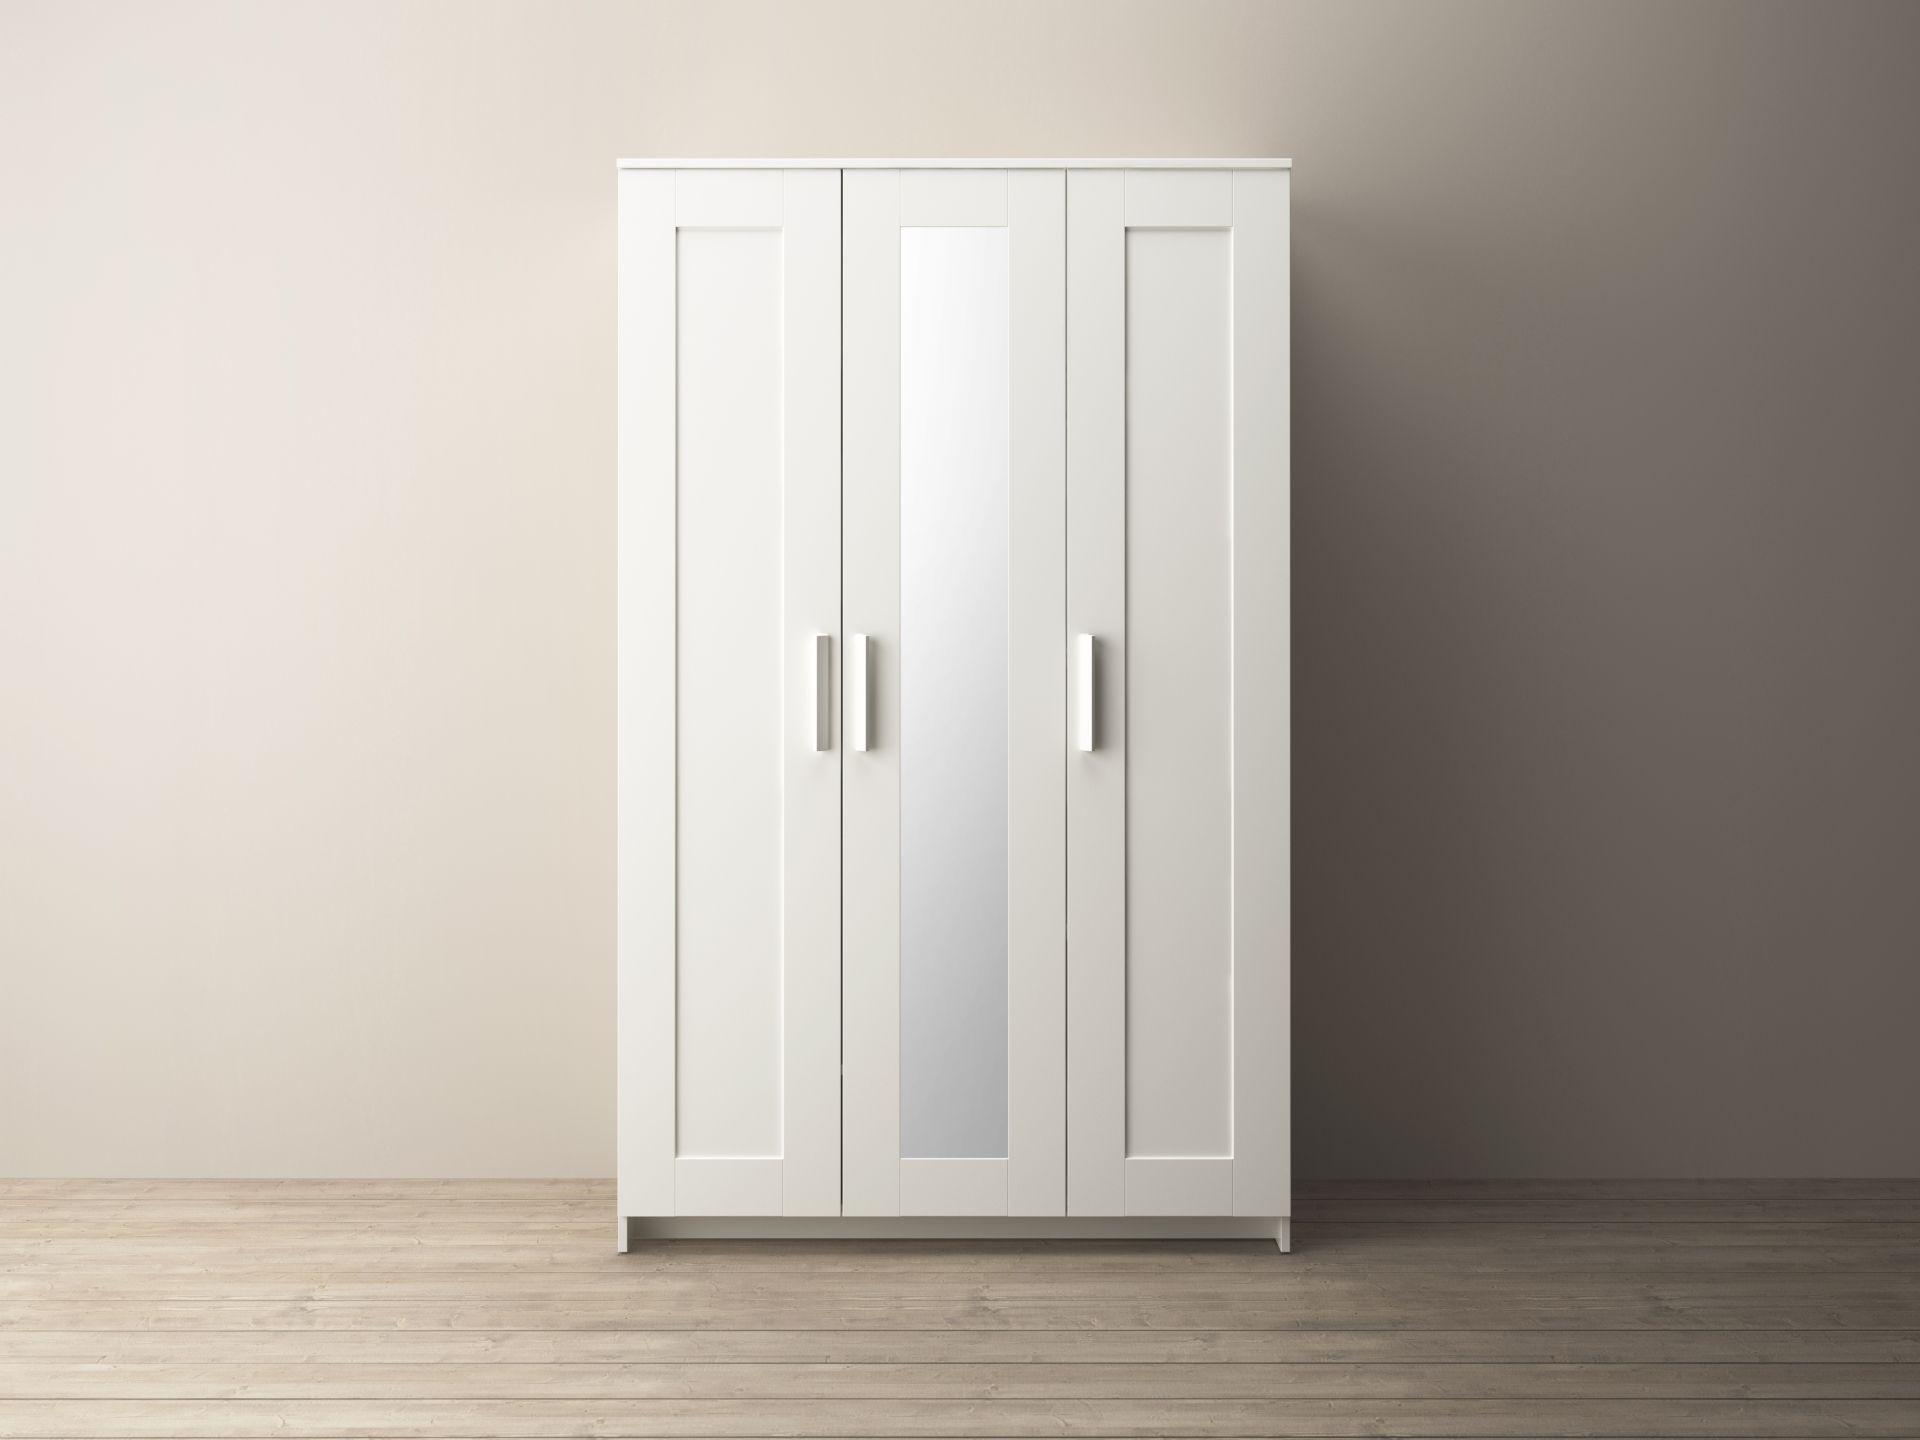 BRIMNES Kledingkast met 3 deuren, wit | Bedrooms, Room decor and ...